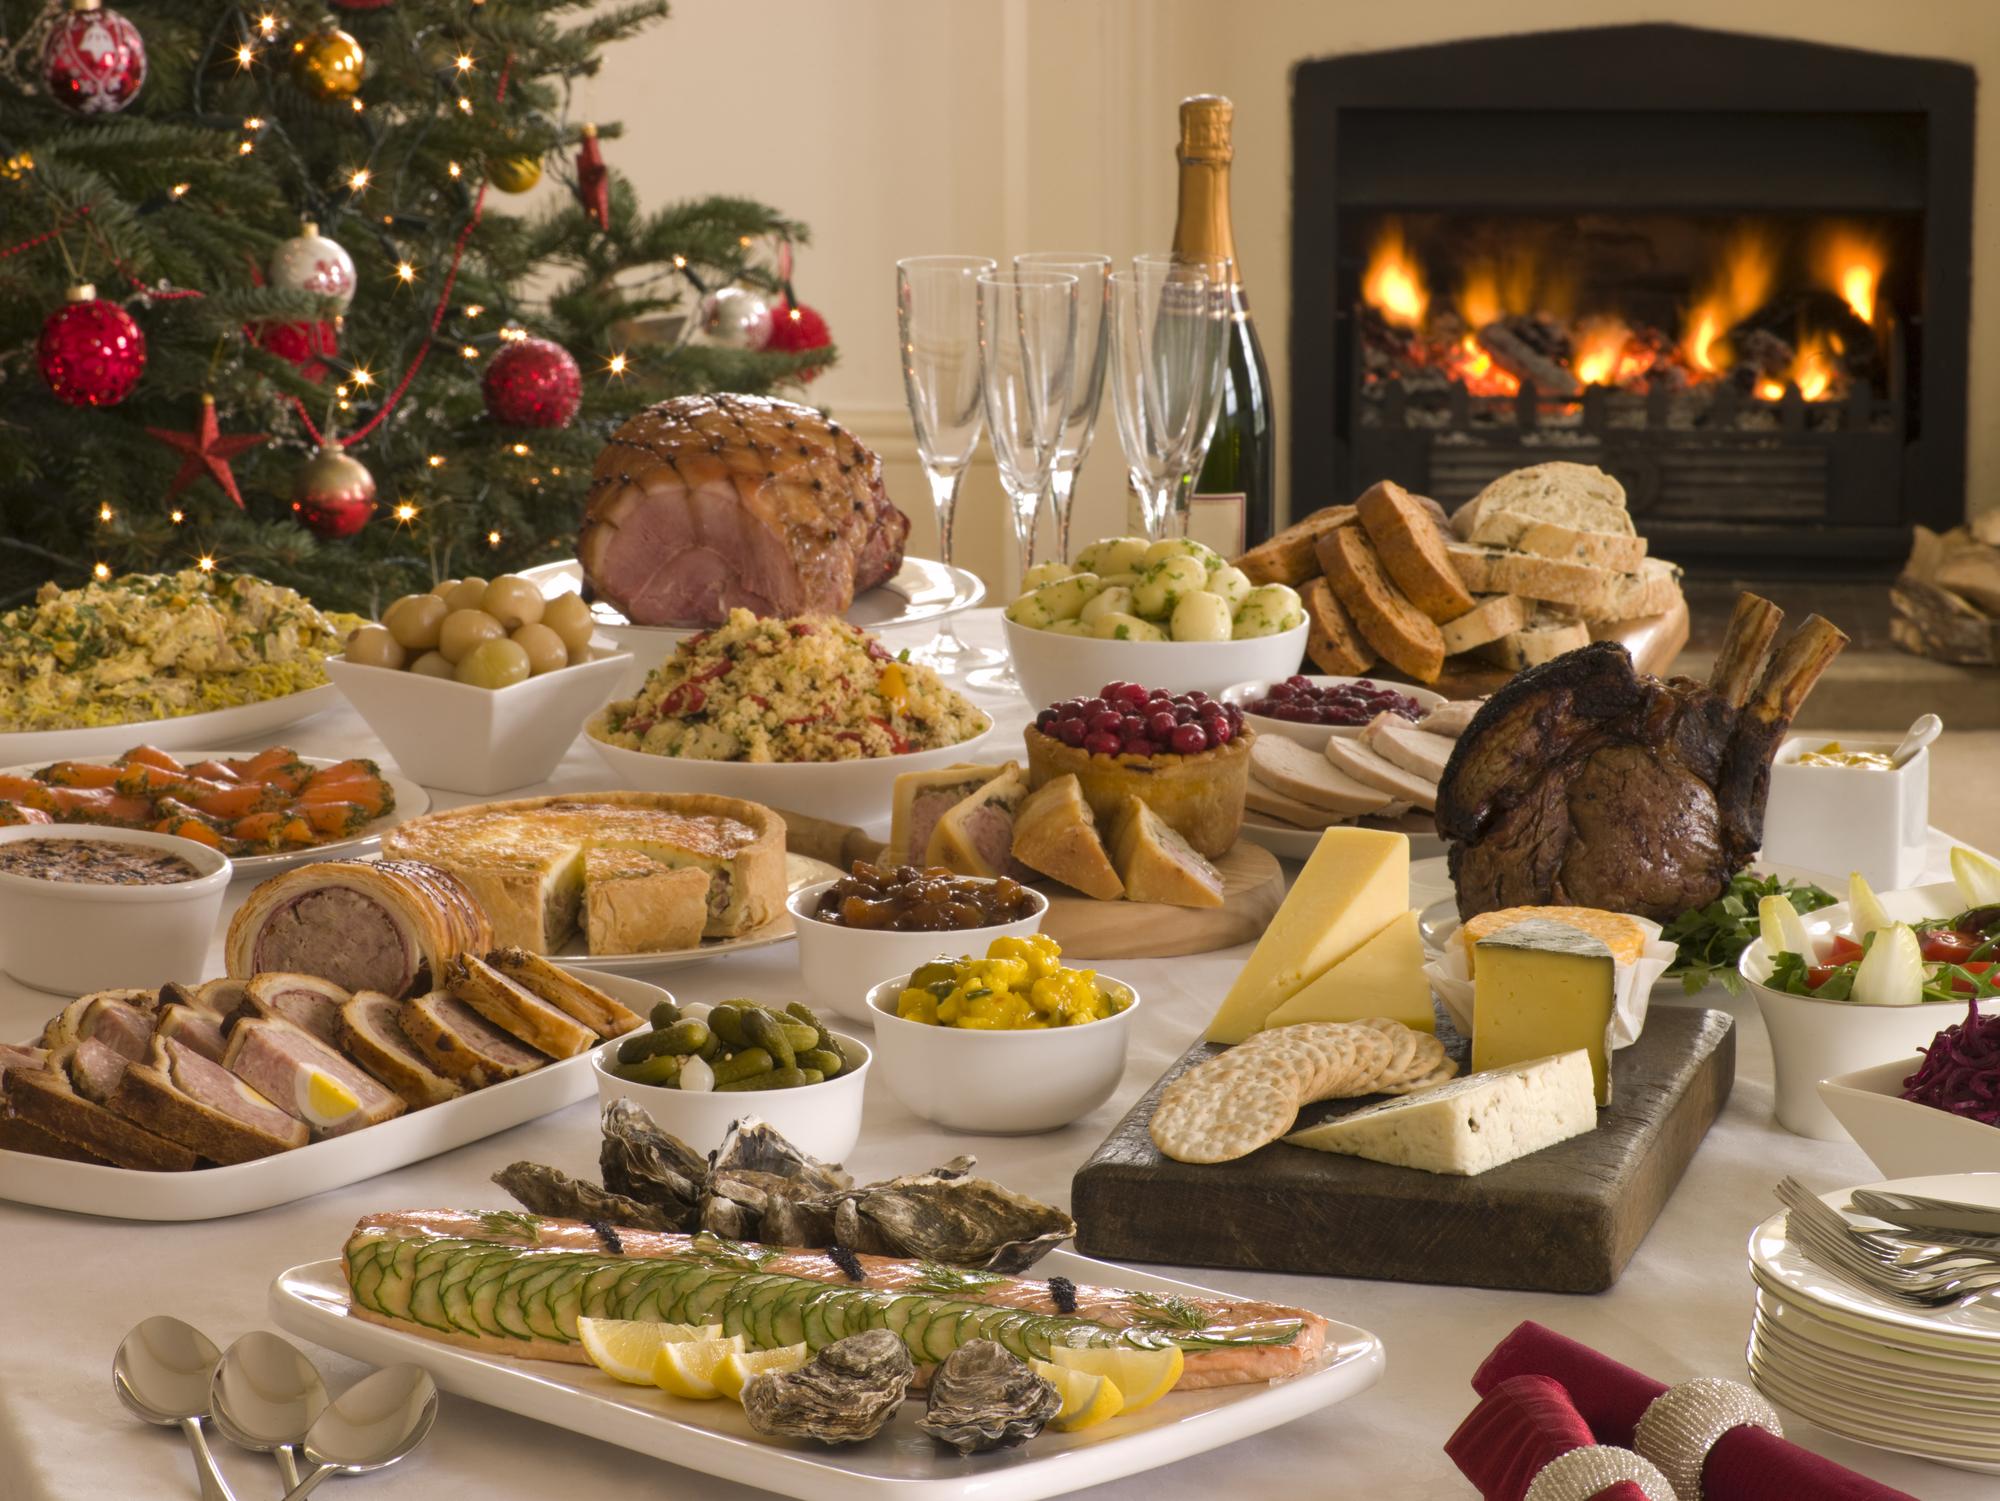 Buffet holiday food.jpg